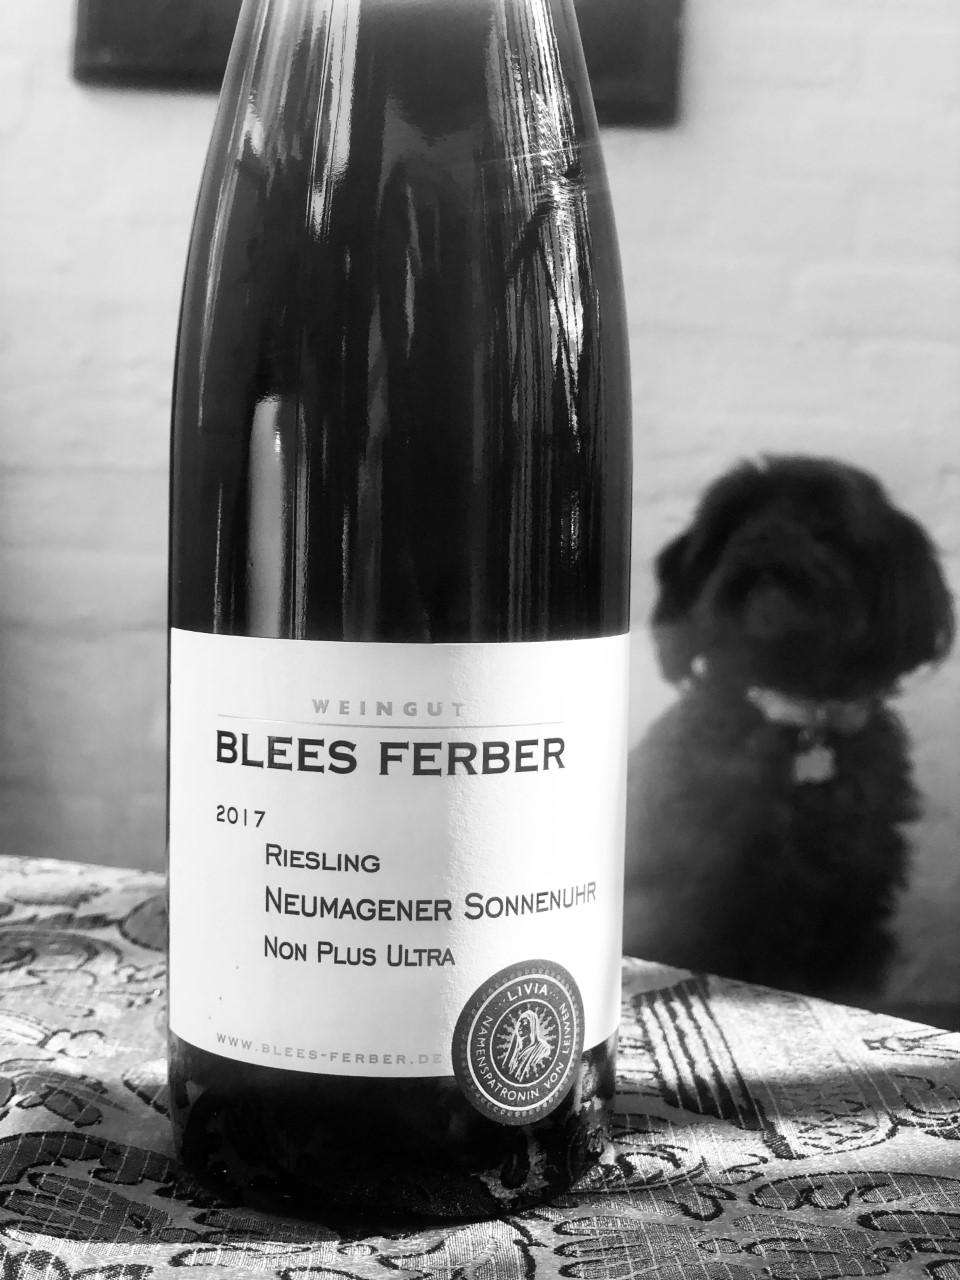 """""""Fornuftige storebror"""": Toppen af poppen grundet vin beliggenhed. Tysklands svar på Crand Cru – hvidvin Riesling Neumagener Sonnenuhr Non Plus Ultra, fra Blees Ferber, Tyskland"""